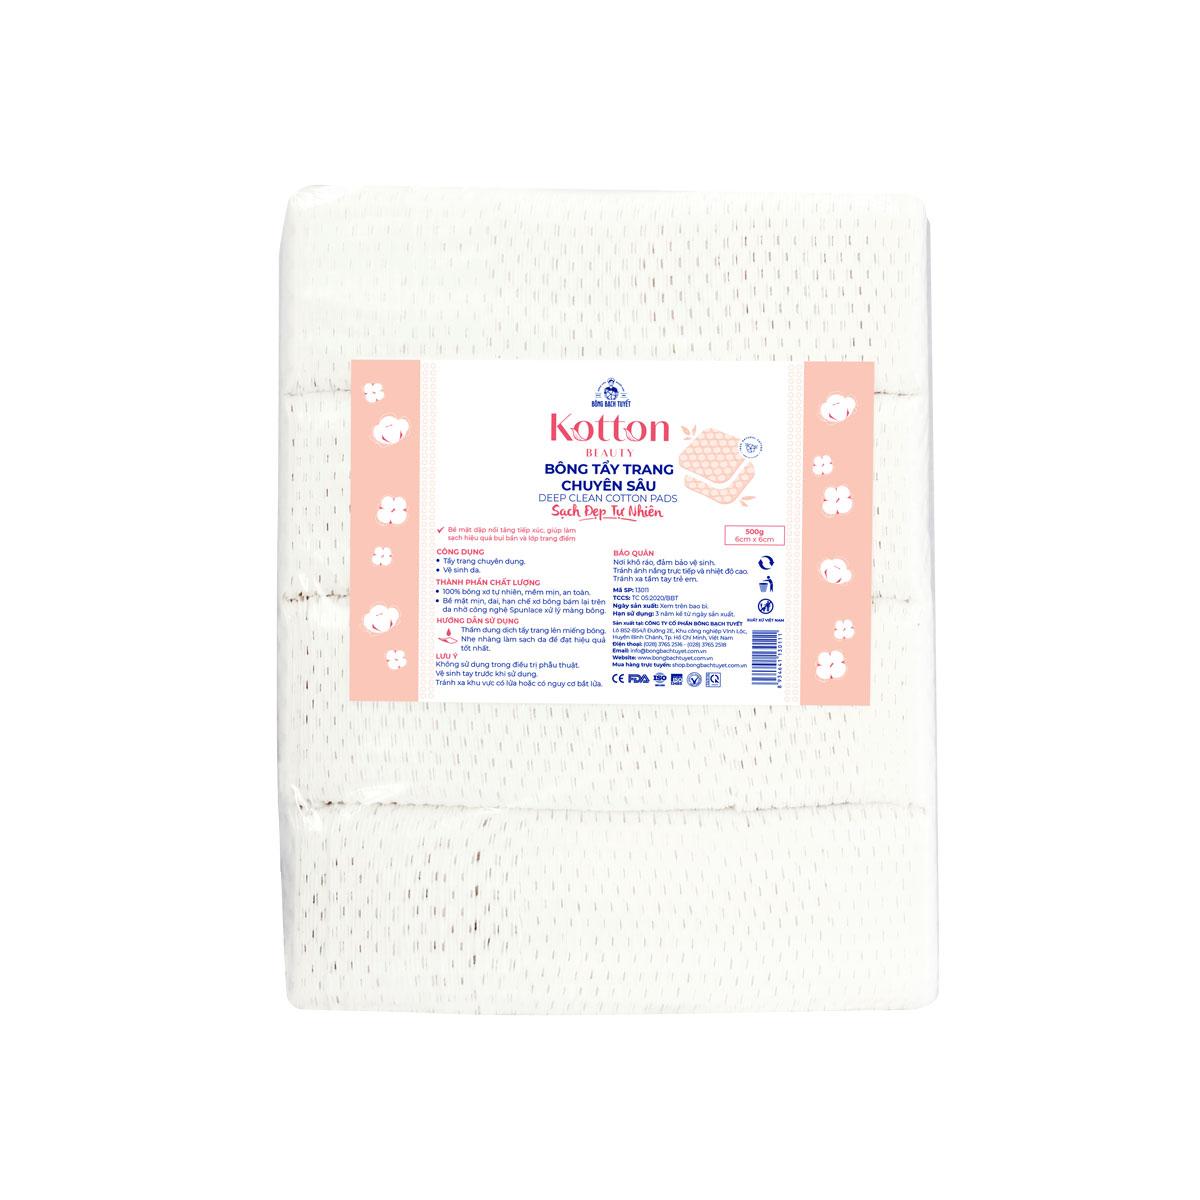 Bông tẩy trang cotton 500g|1kg chuyên sâu - Kotton Beauty